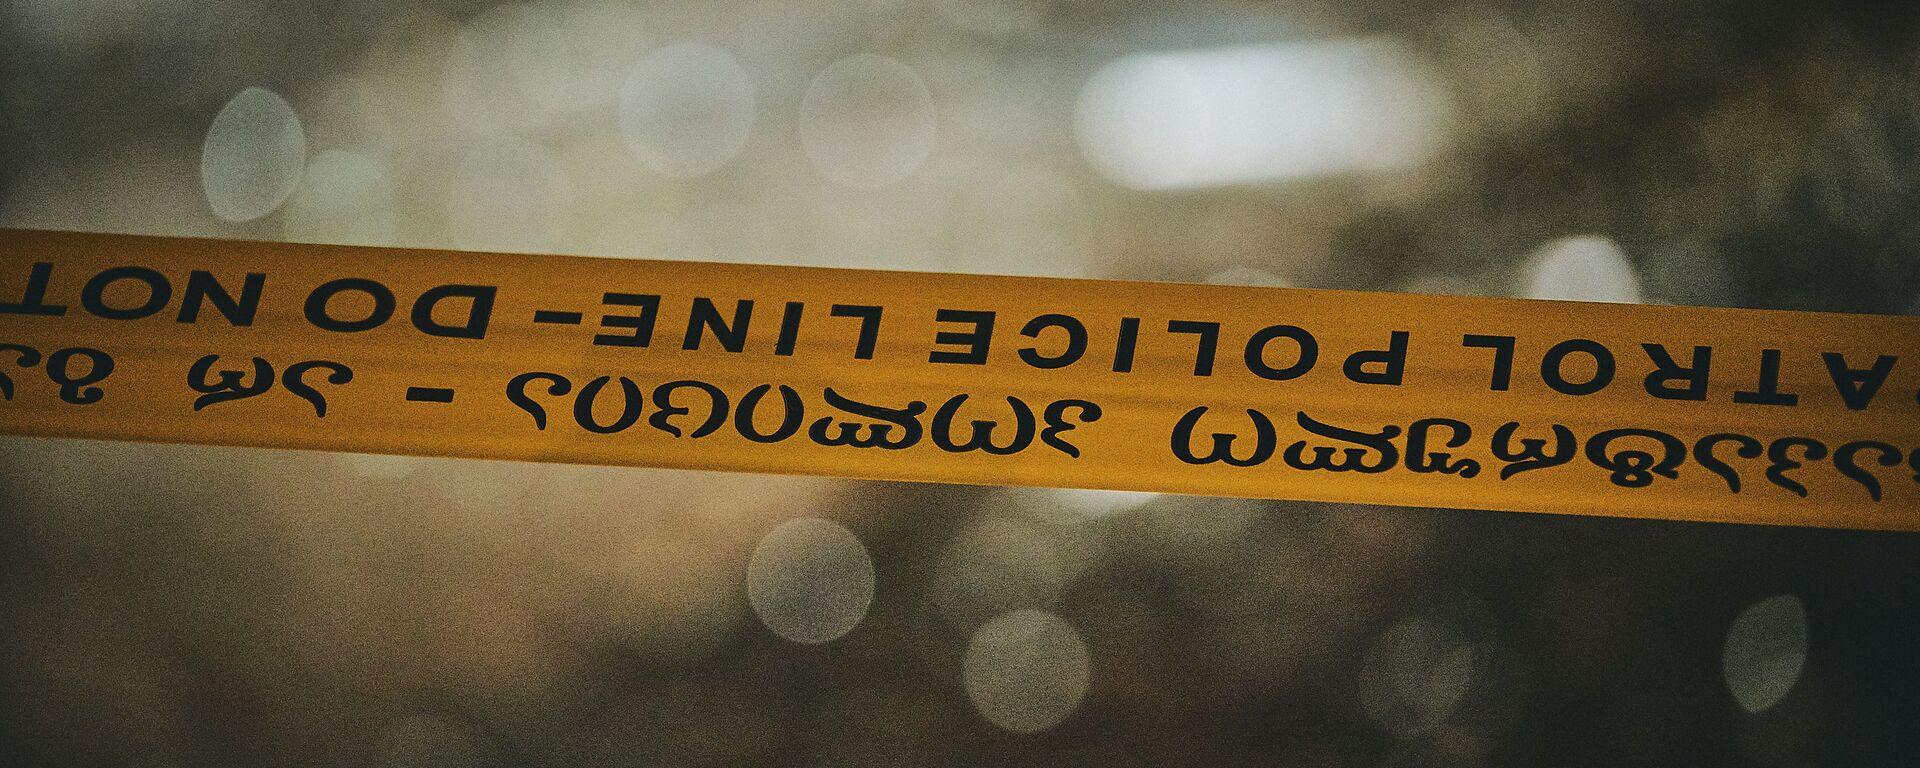 Полицейская лента на месте ЧП - Sputnik Грузия, 1920, 23.04.2021